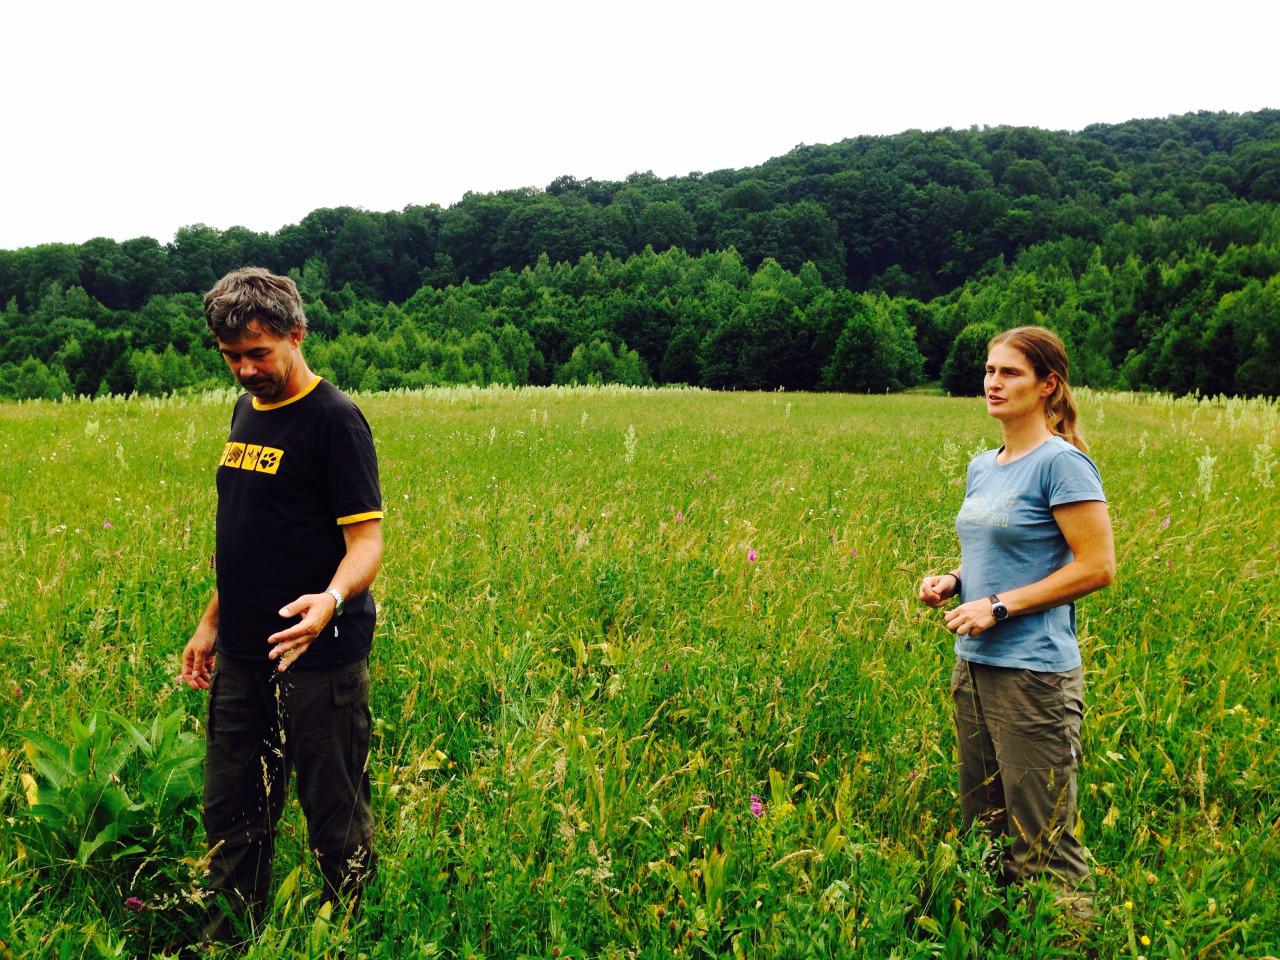 Christoph Promberger si soția lui Barbara sunt de peste 20 de ani în România. Sursa imaginii: http://davinellicson.tumblr.com/